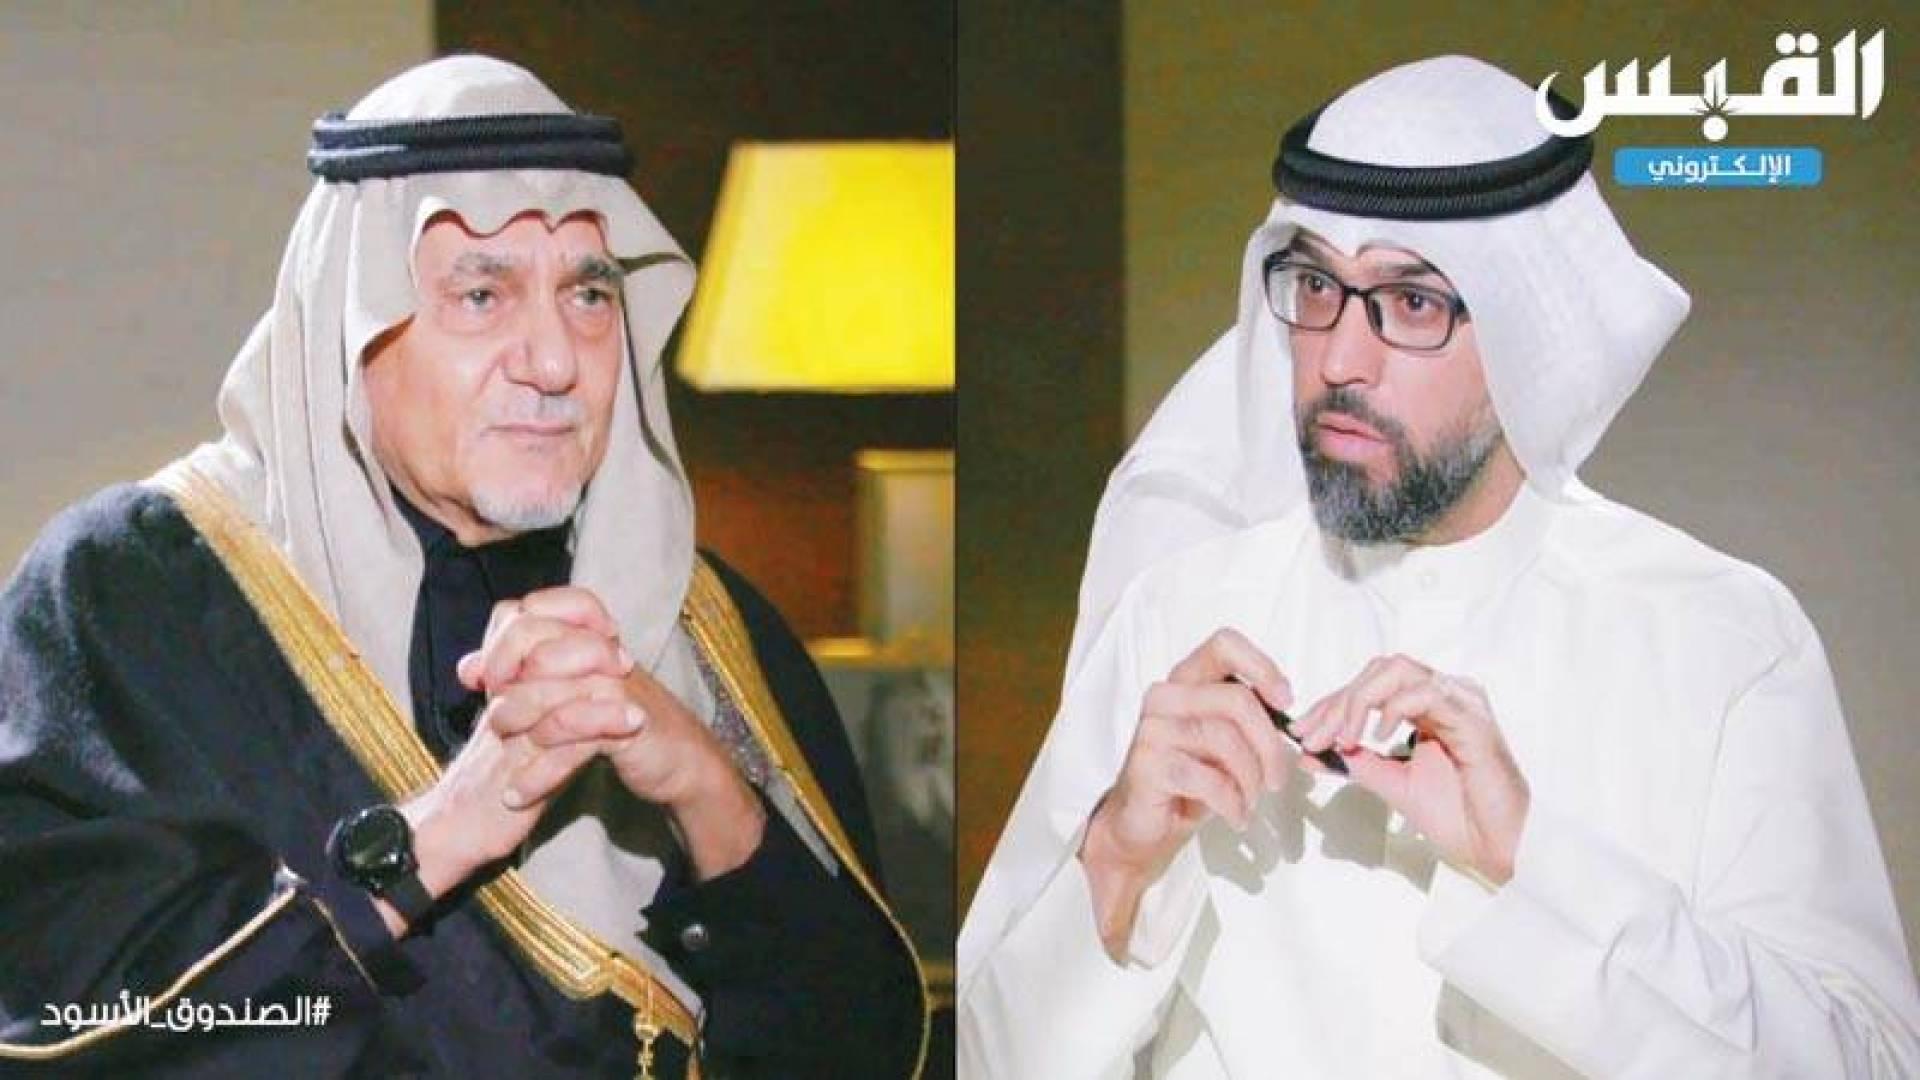 الأمير تركي الفيصل خلال حديثه إلى الزميل عمار تقي